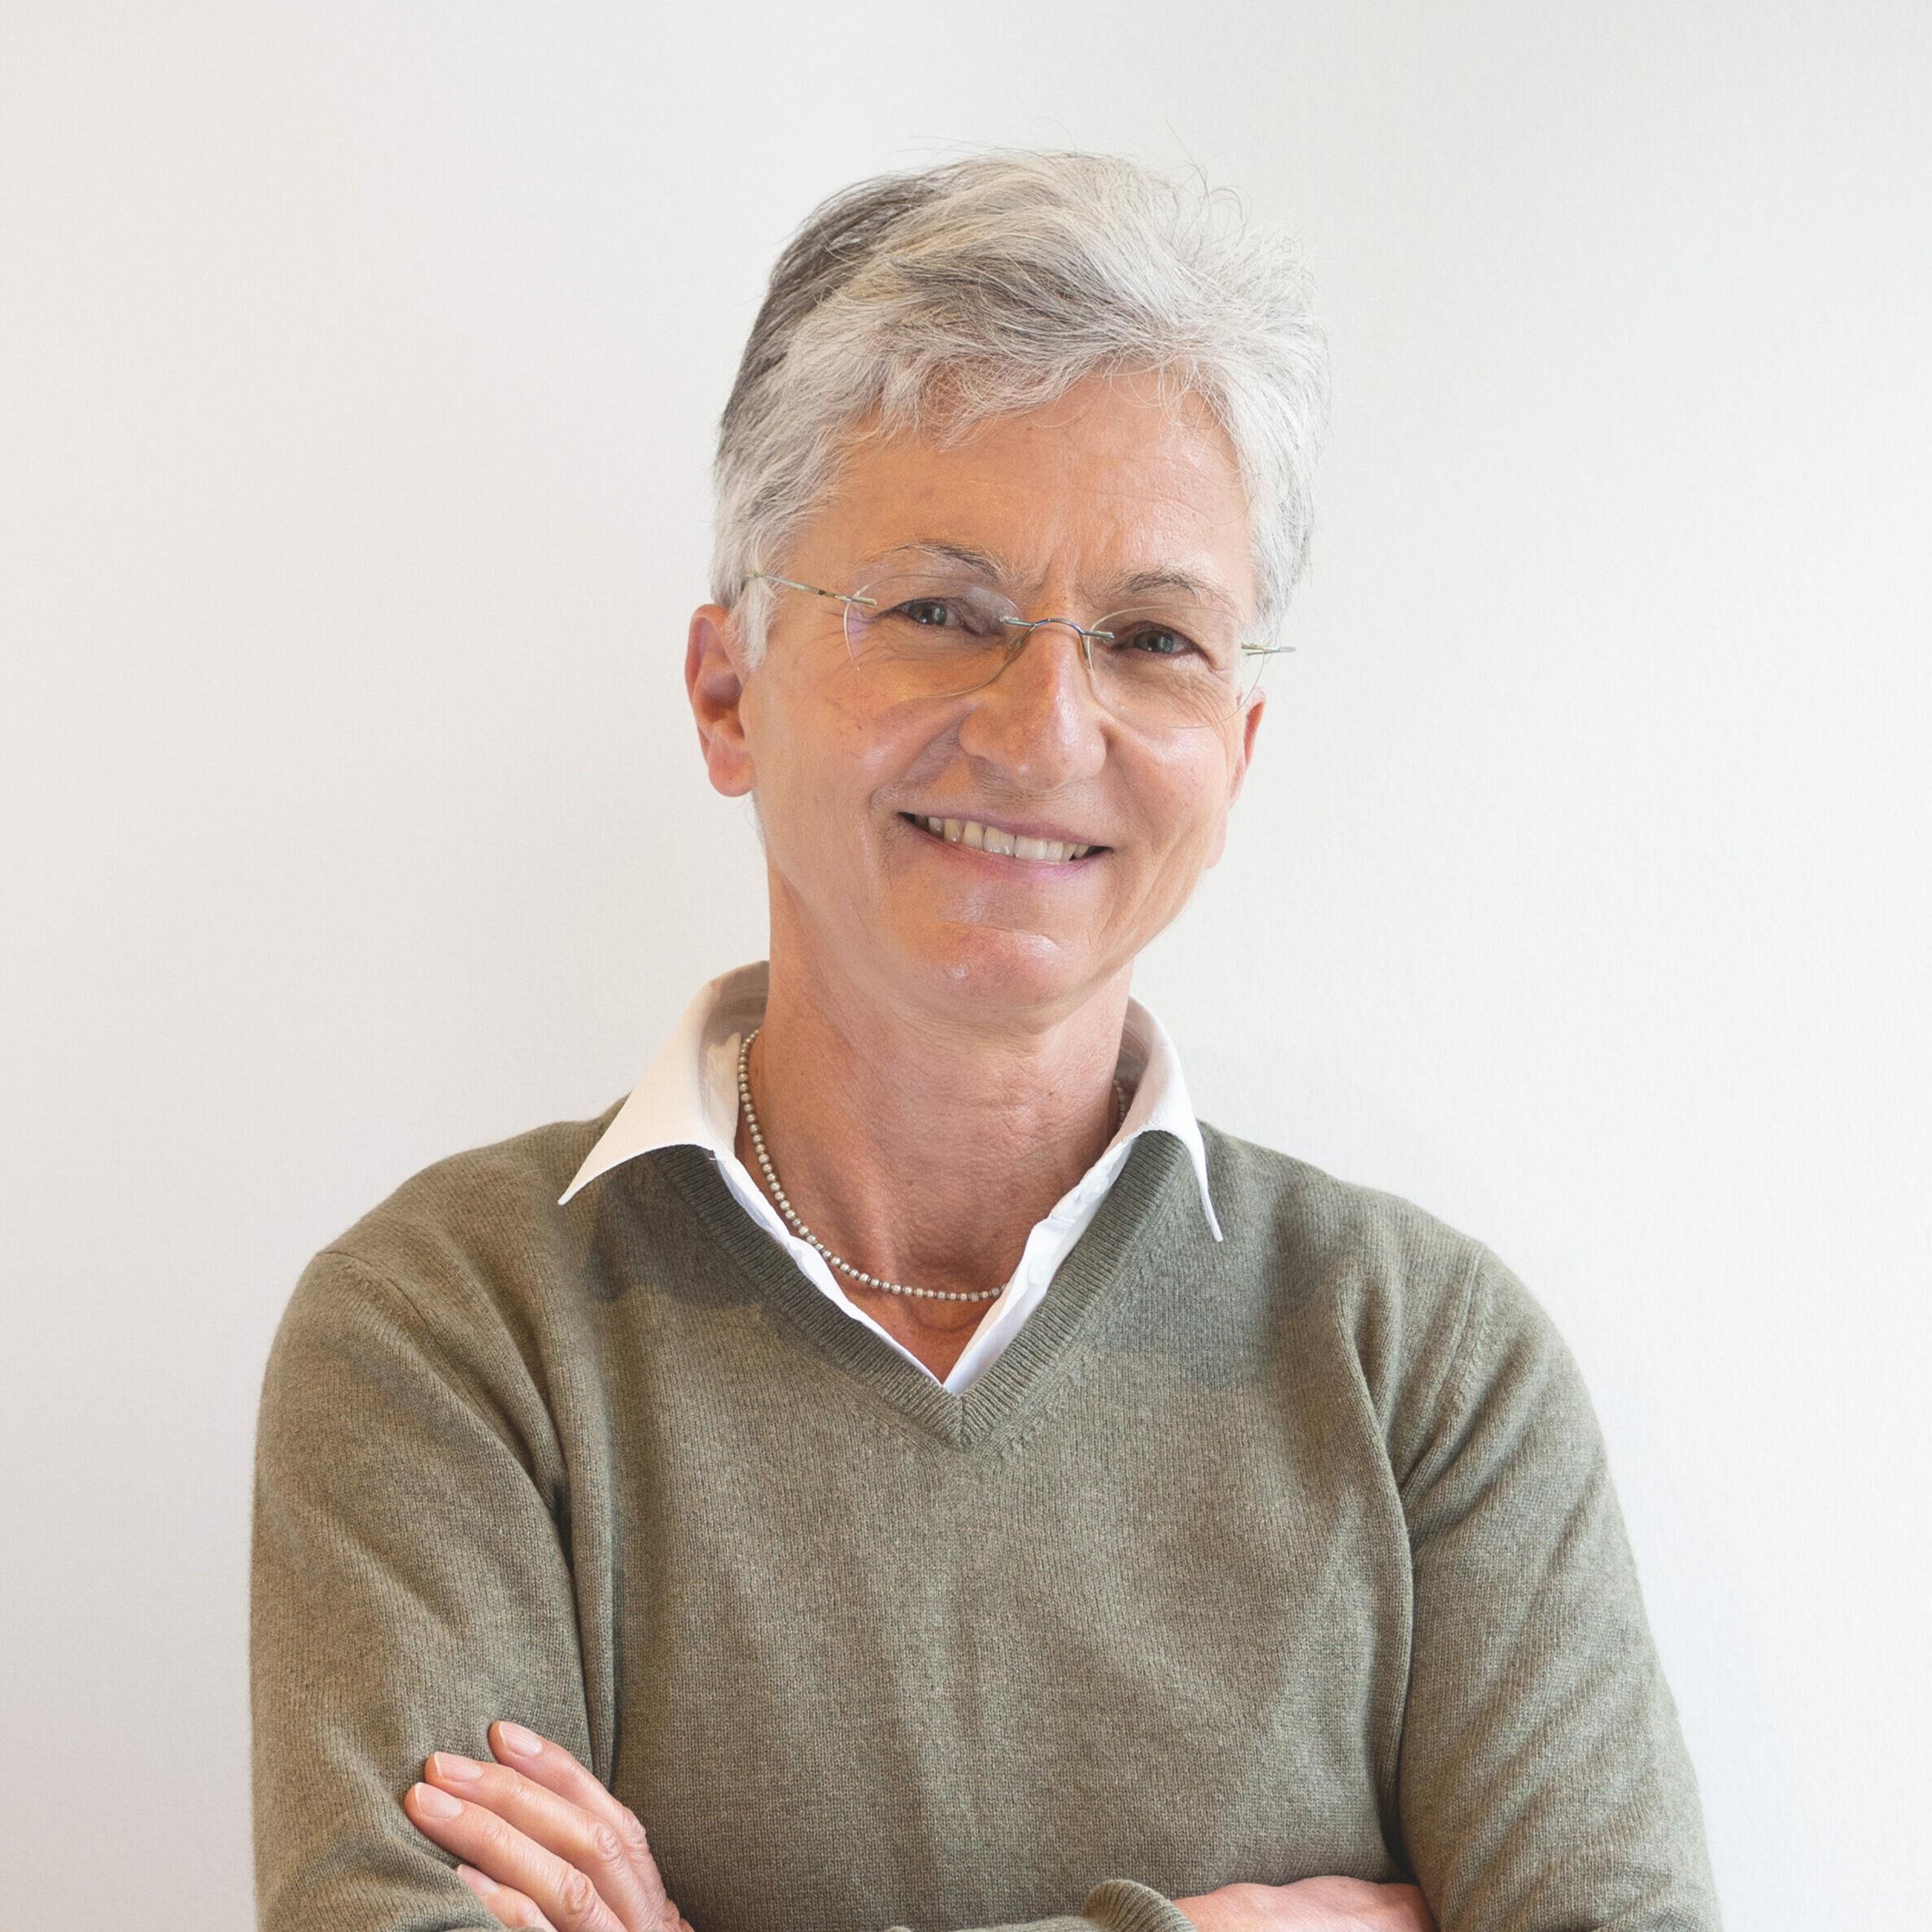 Das Foto zeigt Frau Dr. med. Corinna Meyer zu Schwabedissen, Ärztin des Endomedicums in Düsseldorf. Fachärztin für Innere Medizin.